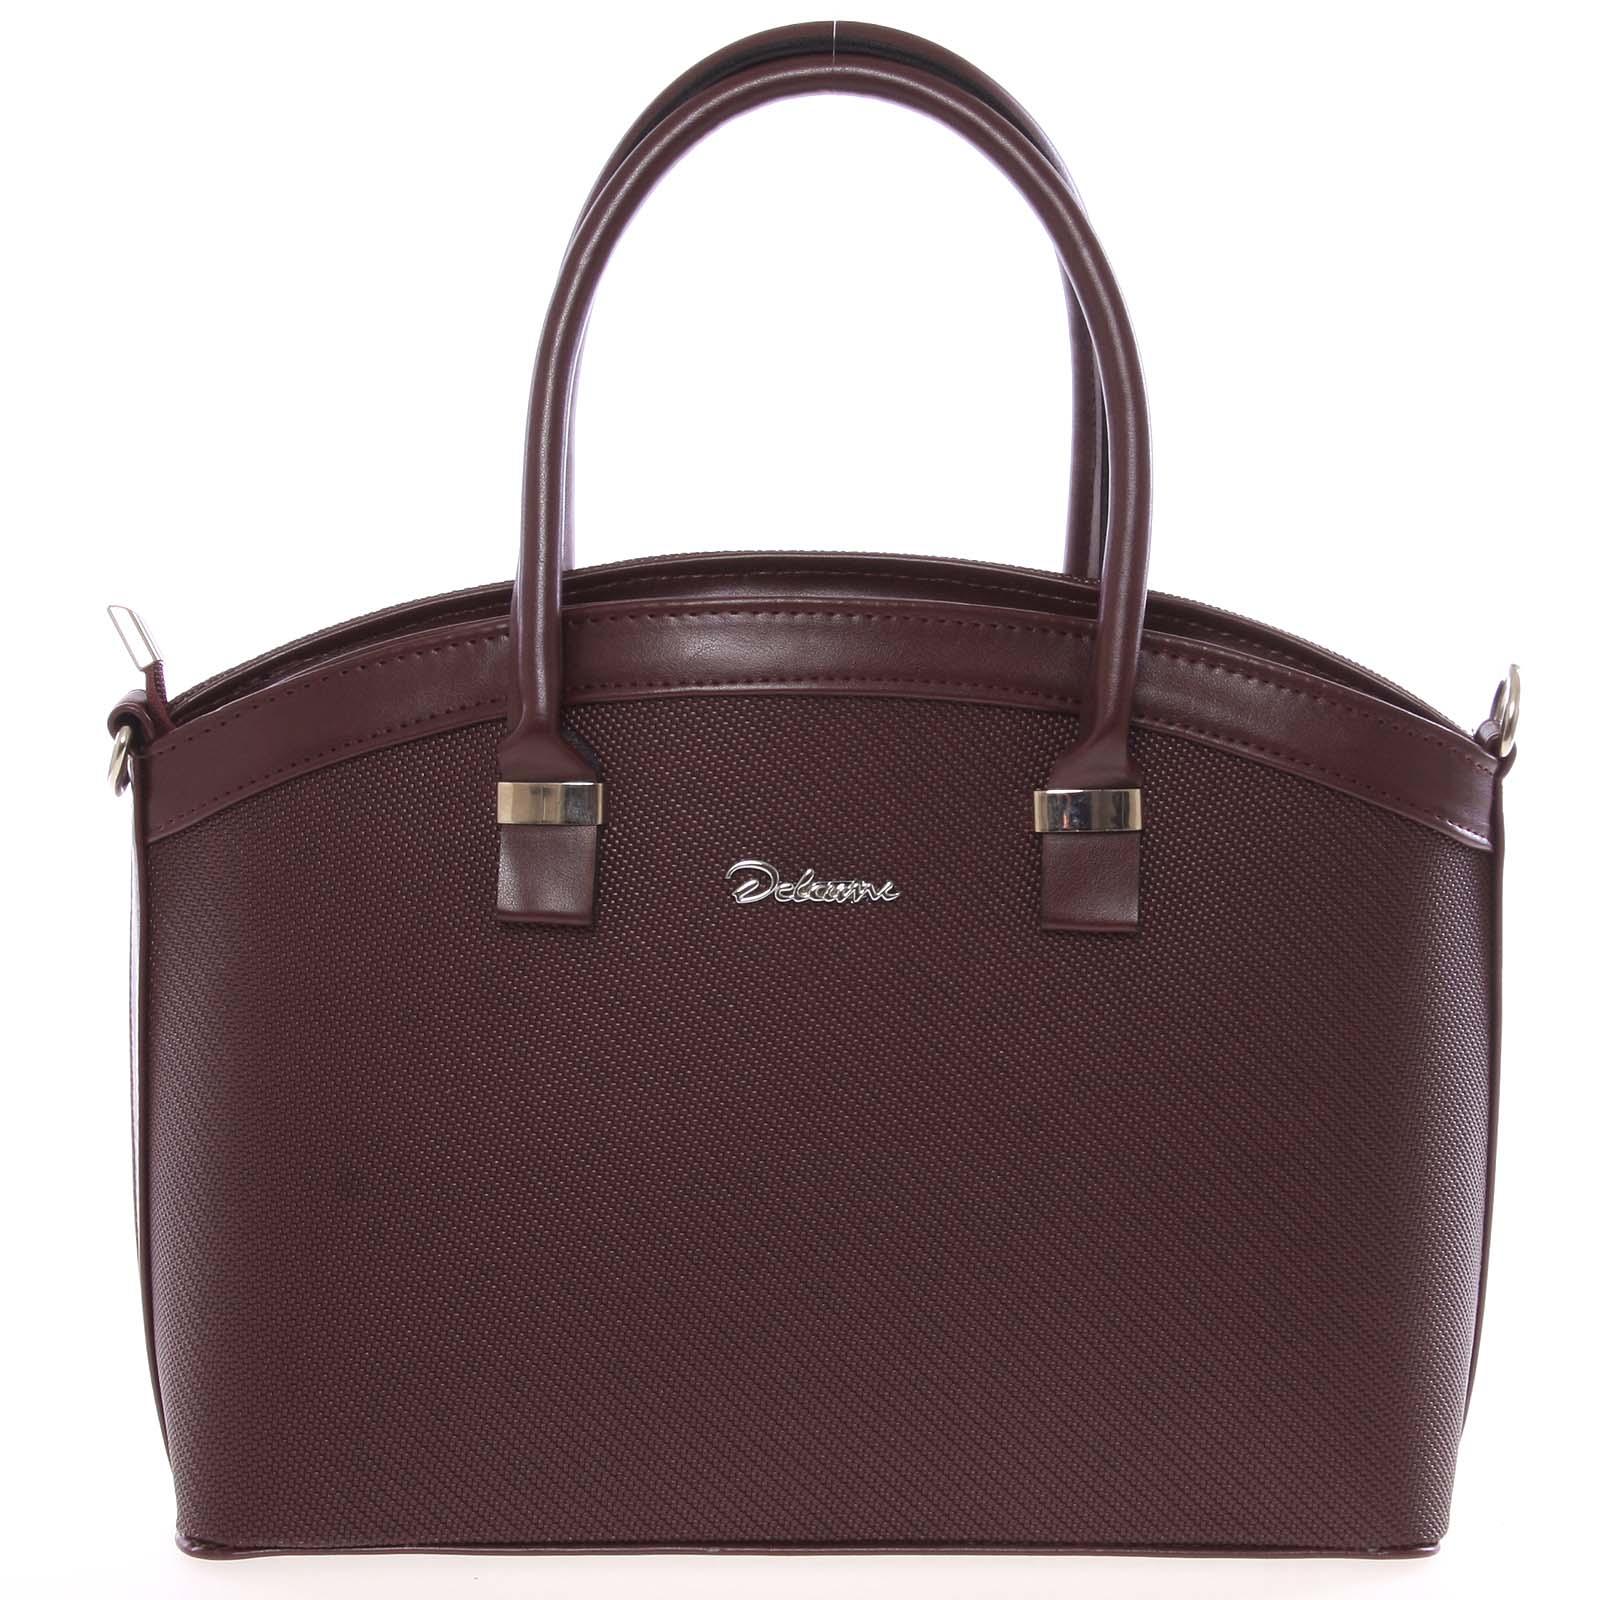 Elegantní vínová dámská kabelka do společnosti - Delami Renee vínová